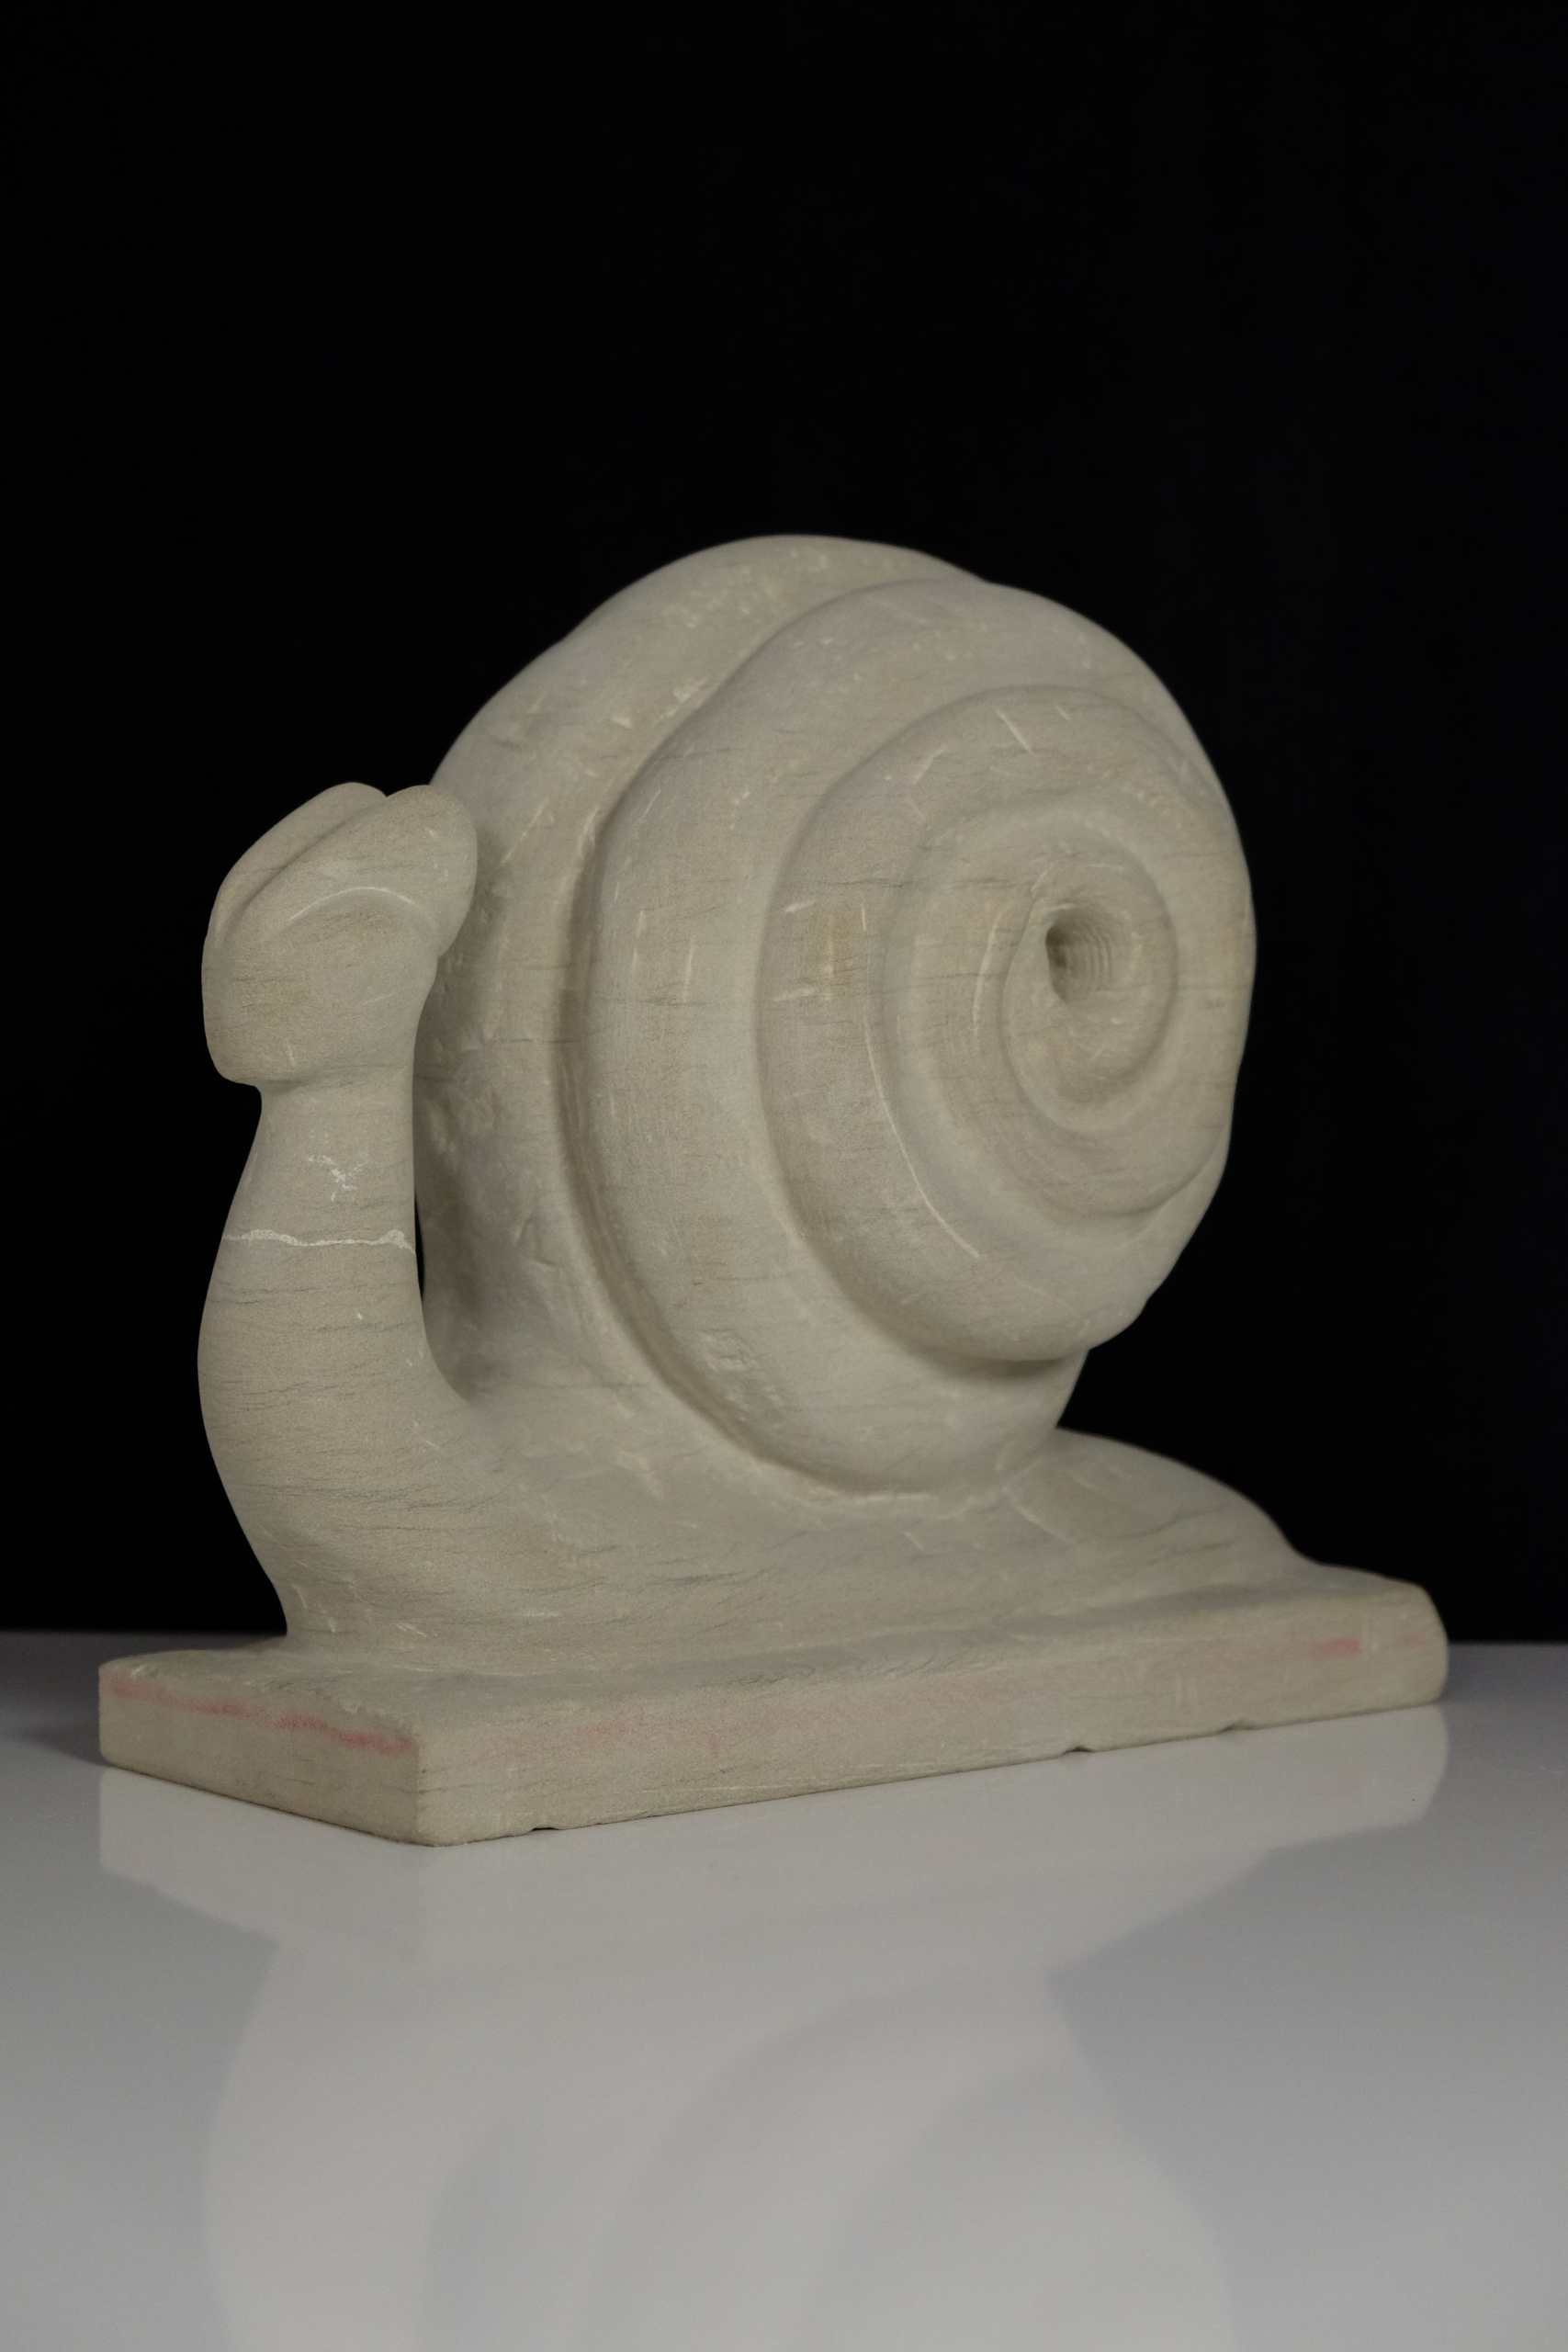 Sandsteinskulptur Schnecke von Arno Gary